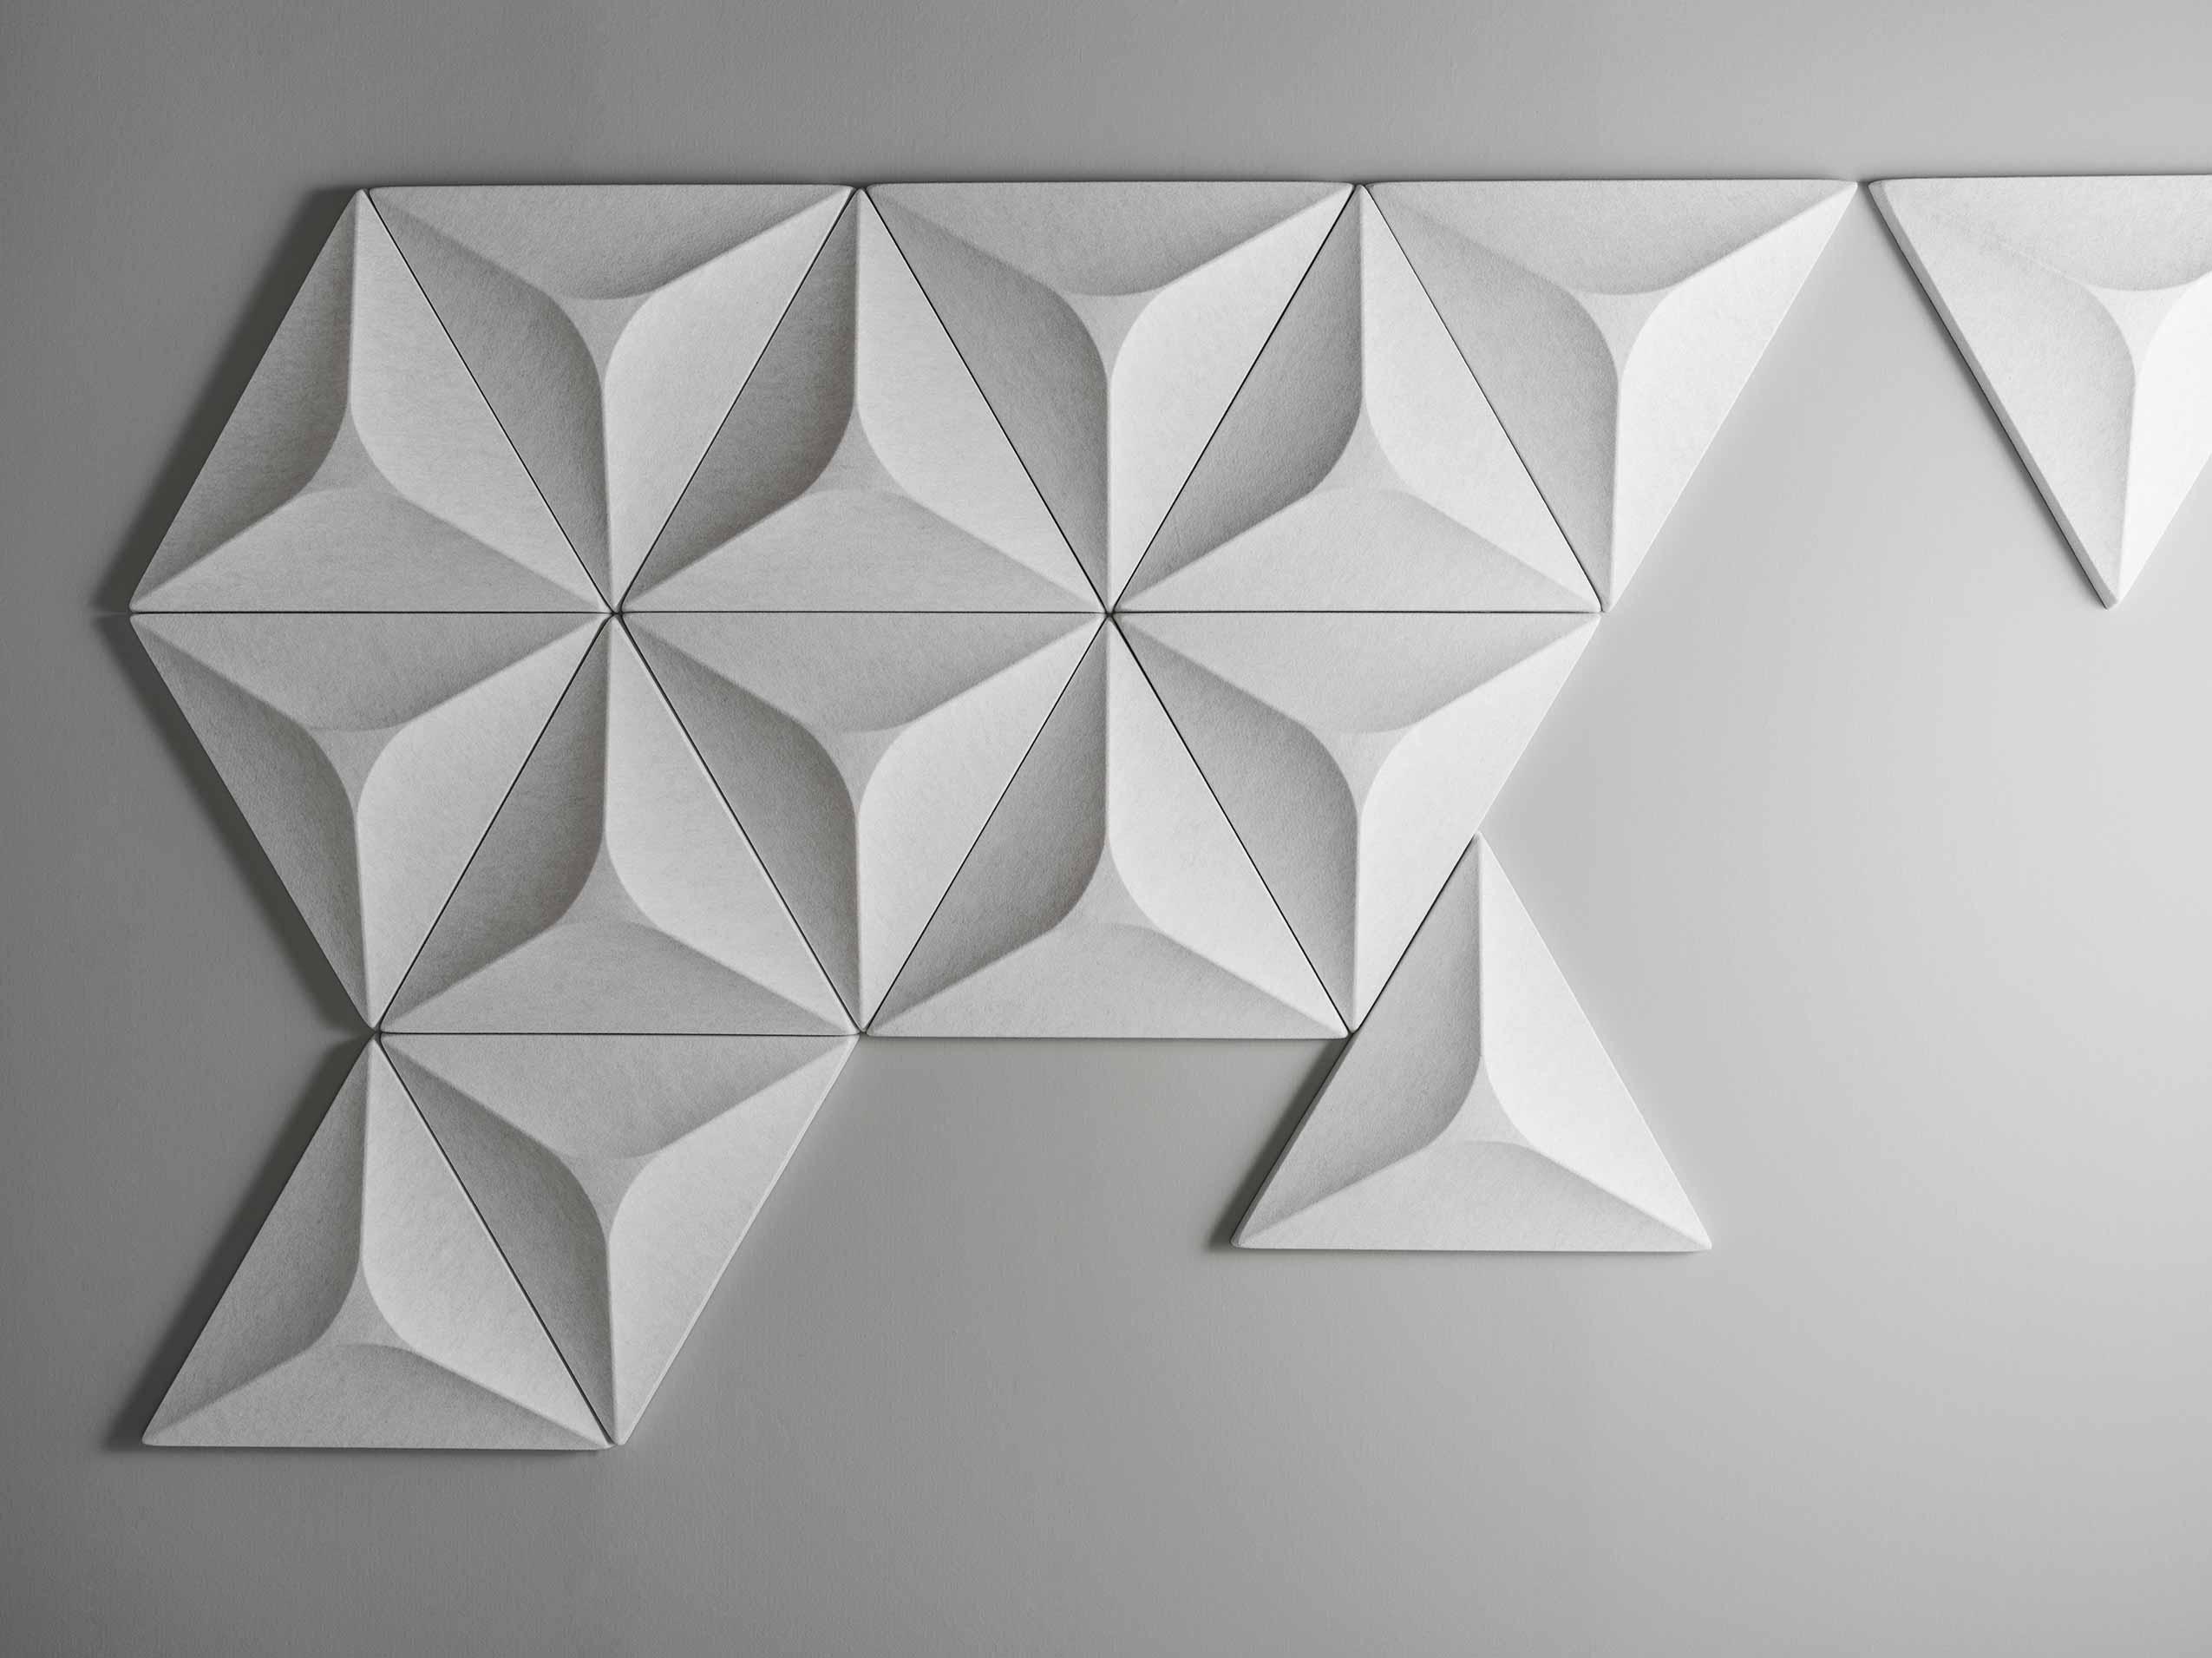 Jasmine-Panel--Acoustics-Layla-Mehdi-Pour-Offecct-Photo-Bjorn-Ceder-07_resize